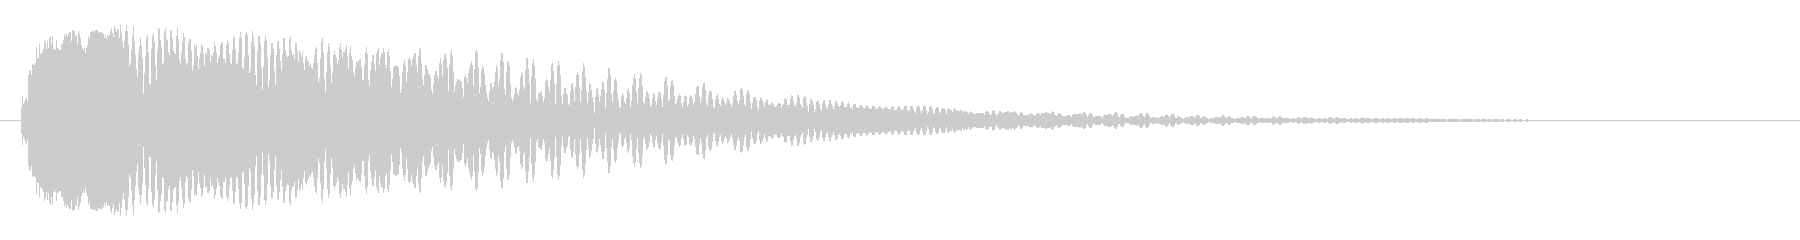 チリーン(鈴・ベルの音)の未再生の波形